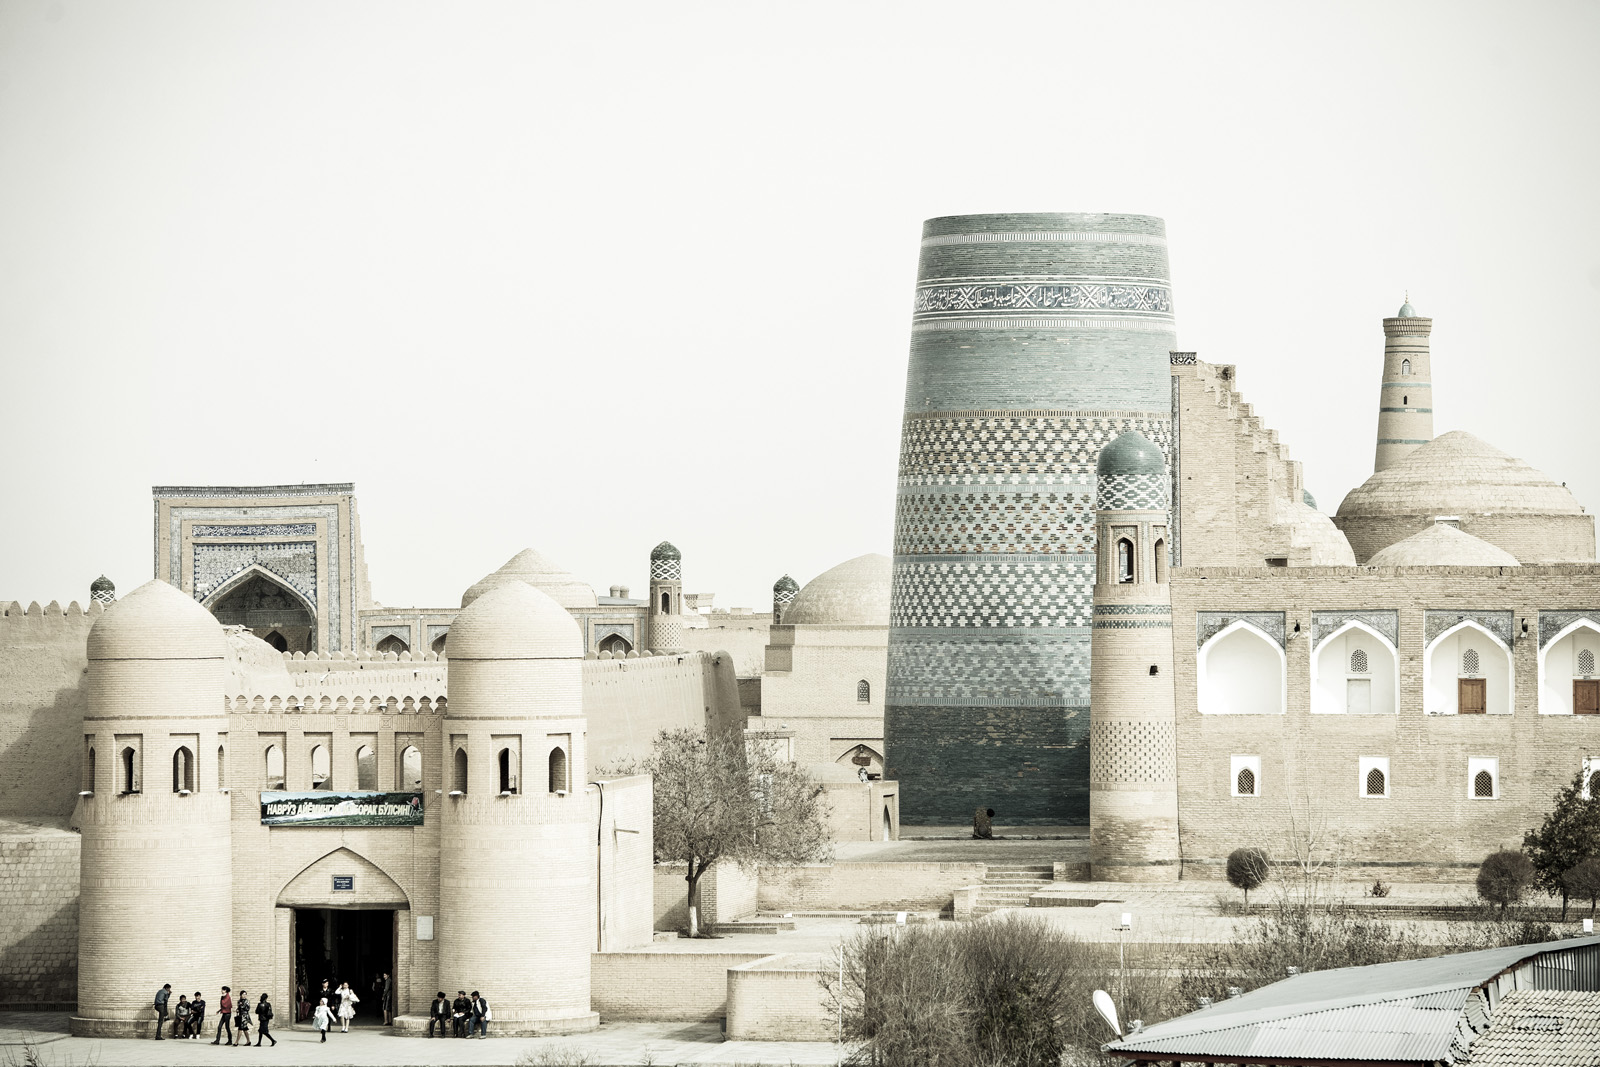 """Itchan Kala, Jiva, Uzbekistán. Viste del Kalta Minor o """"minarete corto"""". Ornamentado con mosaicos verdes y azules, este minarete inacabado de 26 metros tenía que medir 70 metros, para ser el más alto del mundo musulmán. El trabajo se detuvo cuando murió el Khan. Foto © Ezequiel Scagnetti."""